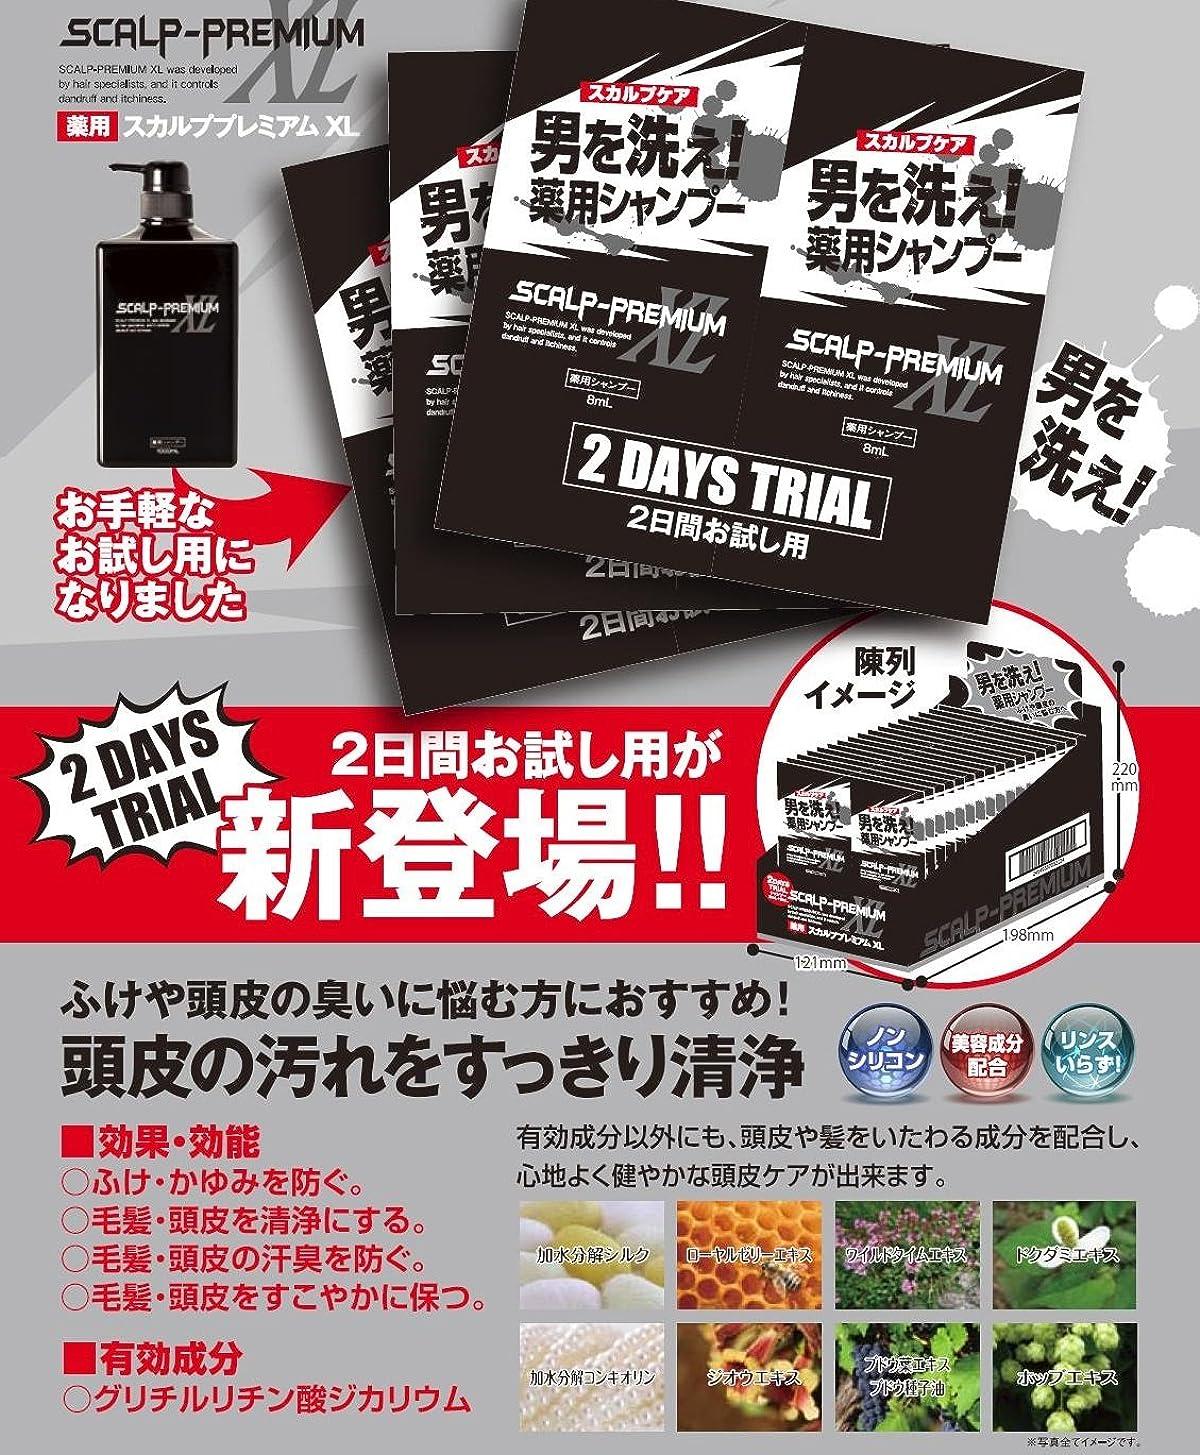 自己革命(ノンシリコン) スカルププレミアムXL 薬用シャンプー トライアルセット(50包)パック 100回分 旅行や普段使いに最適